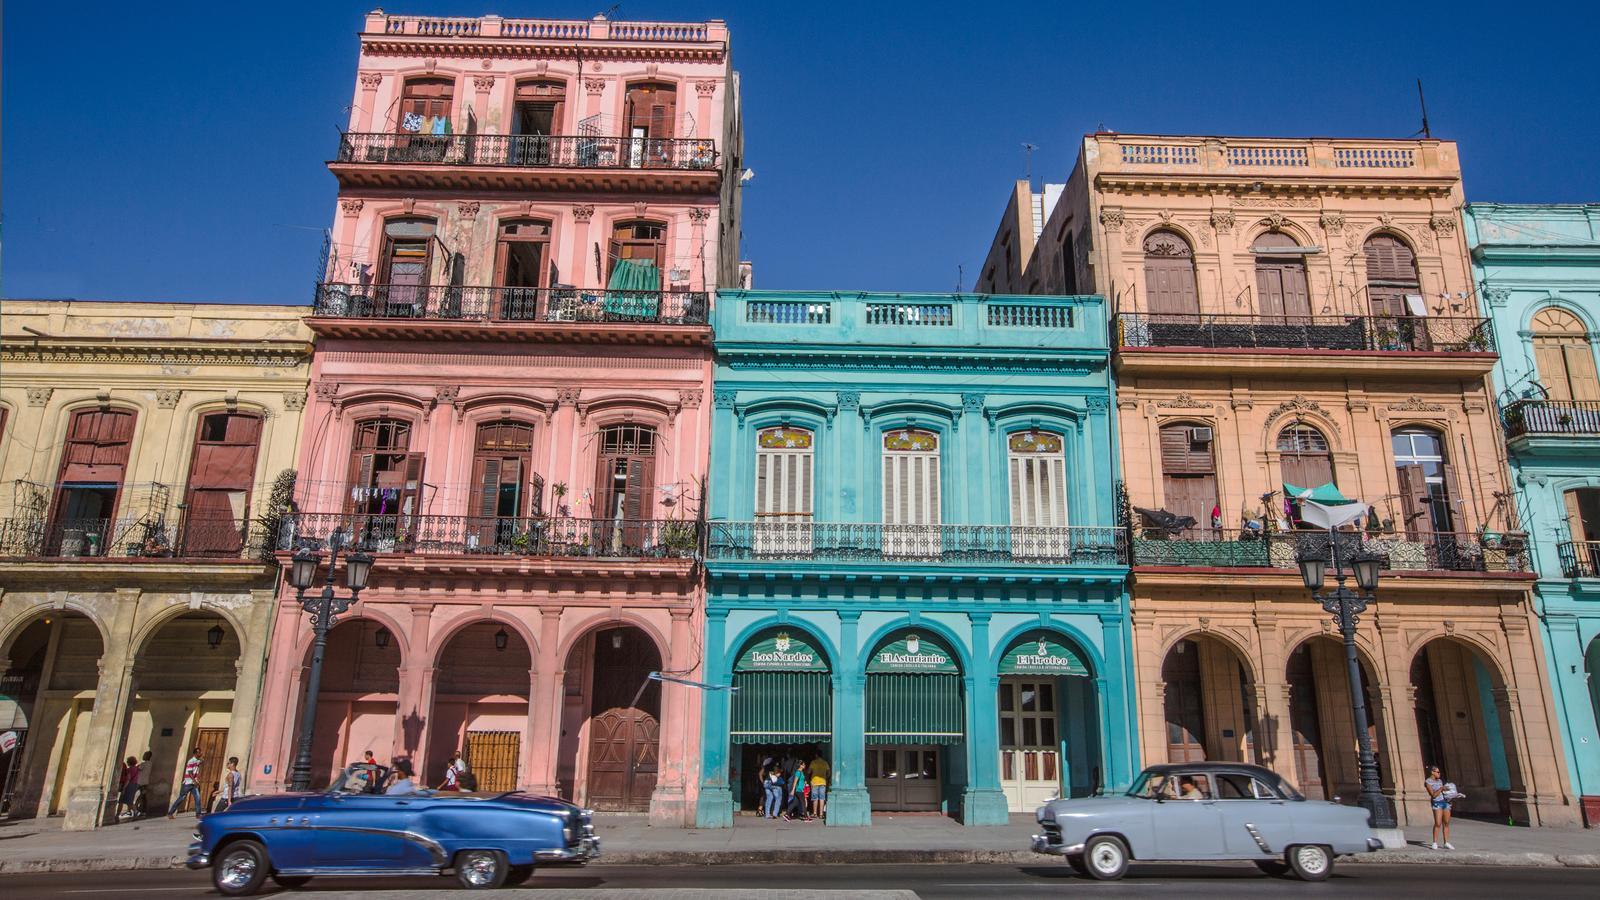 Cuba ... Havana ... Towards adventure